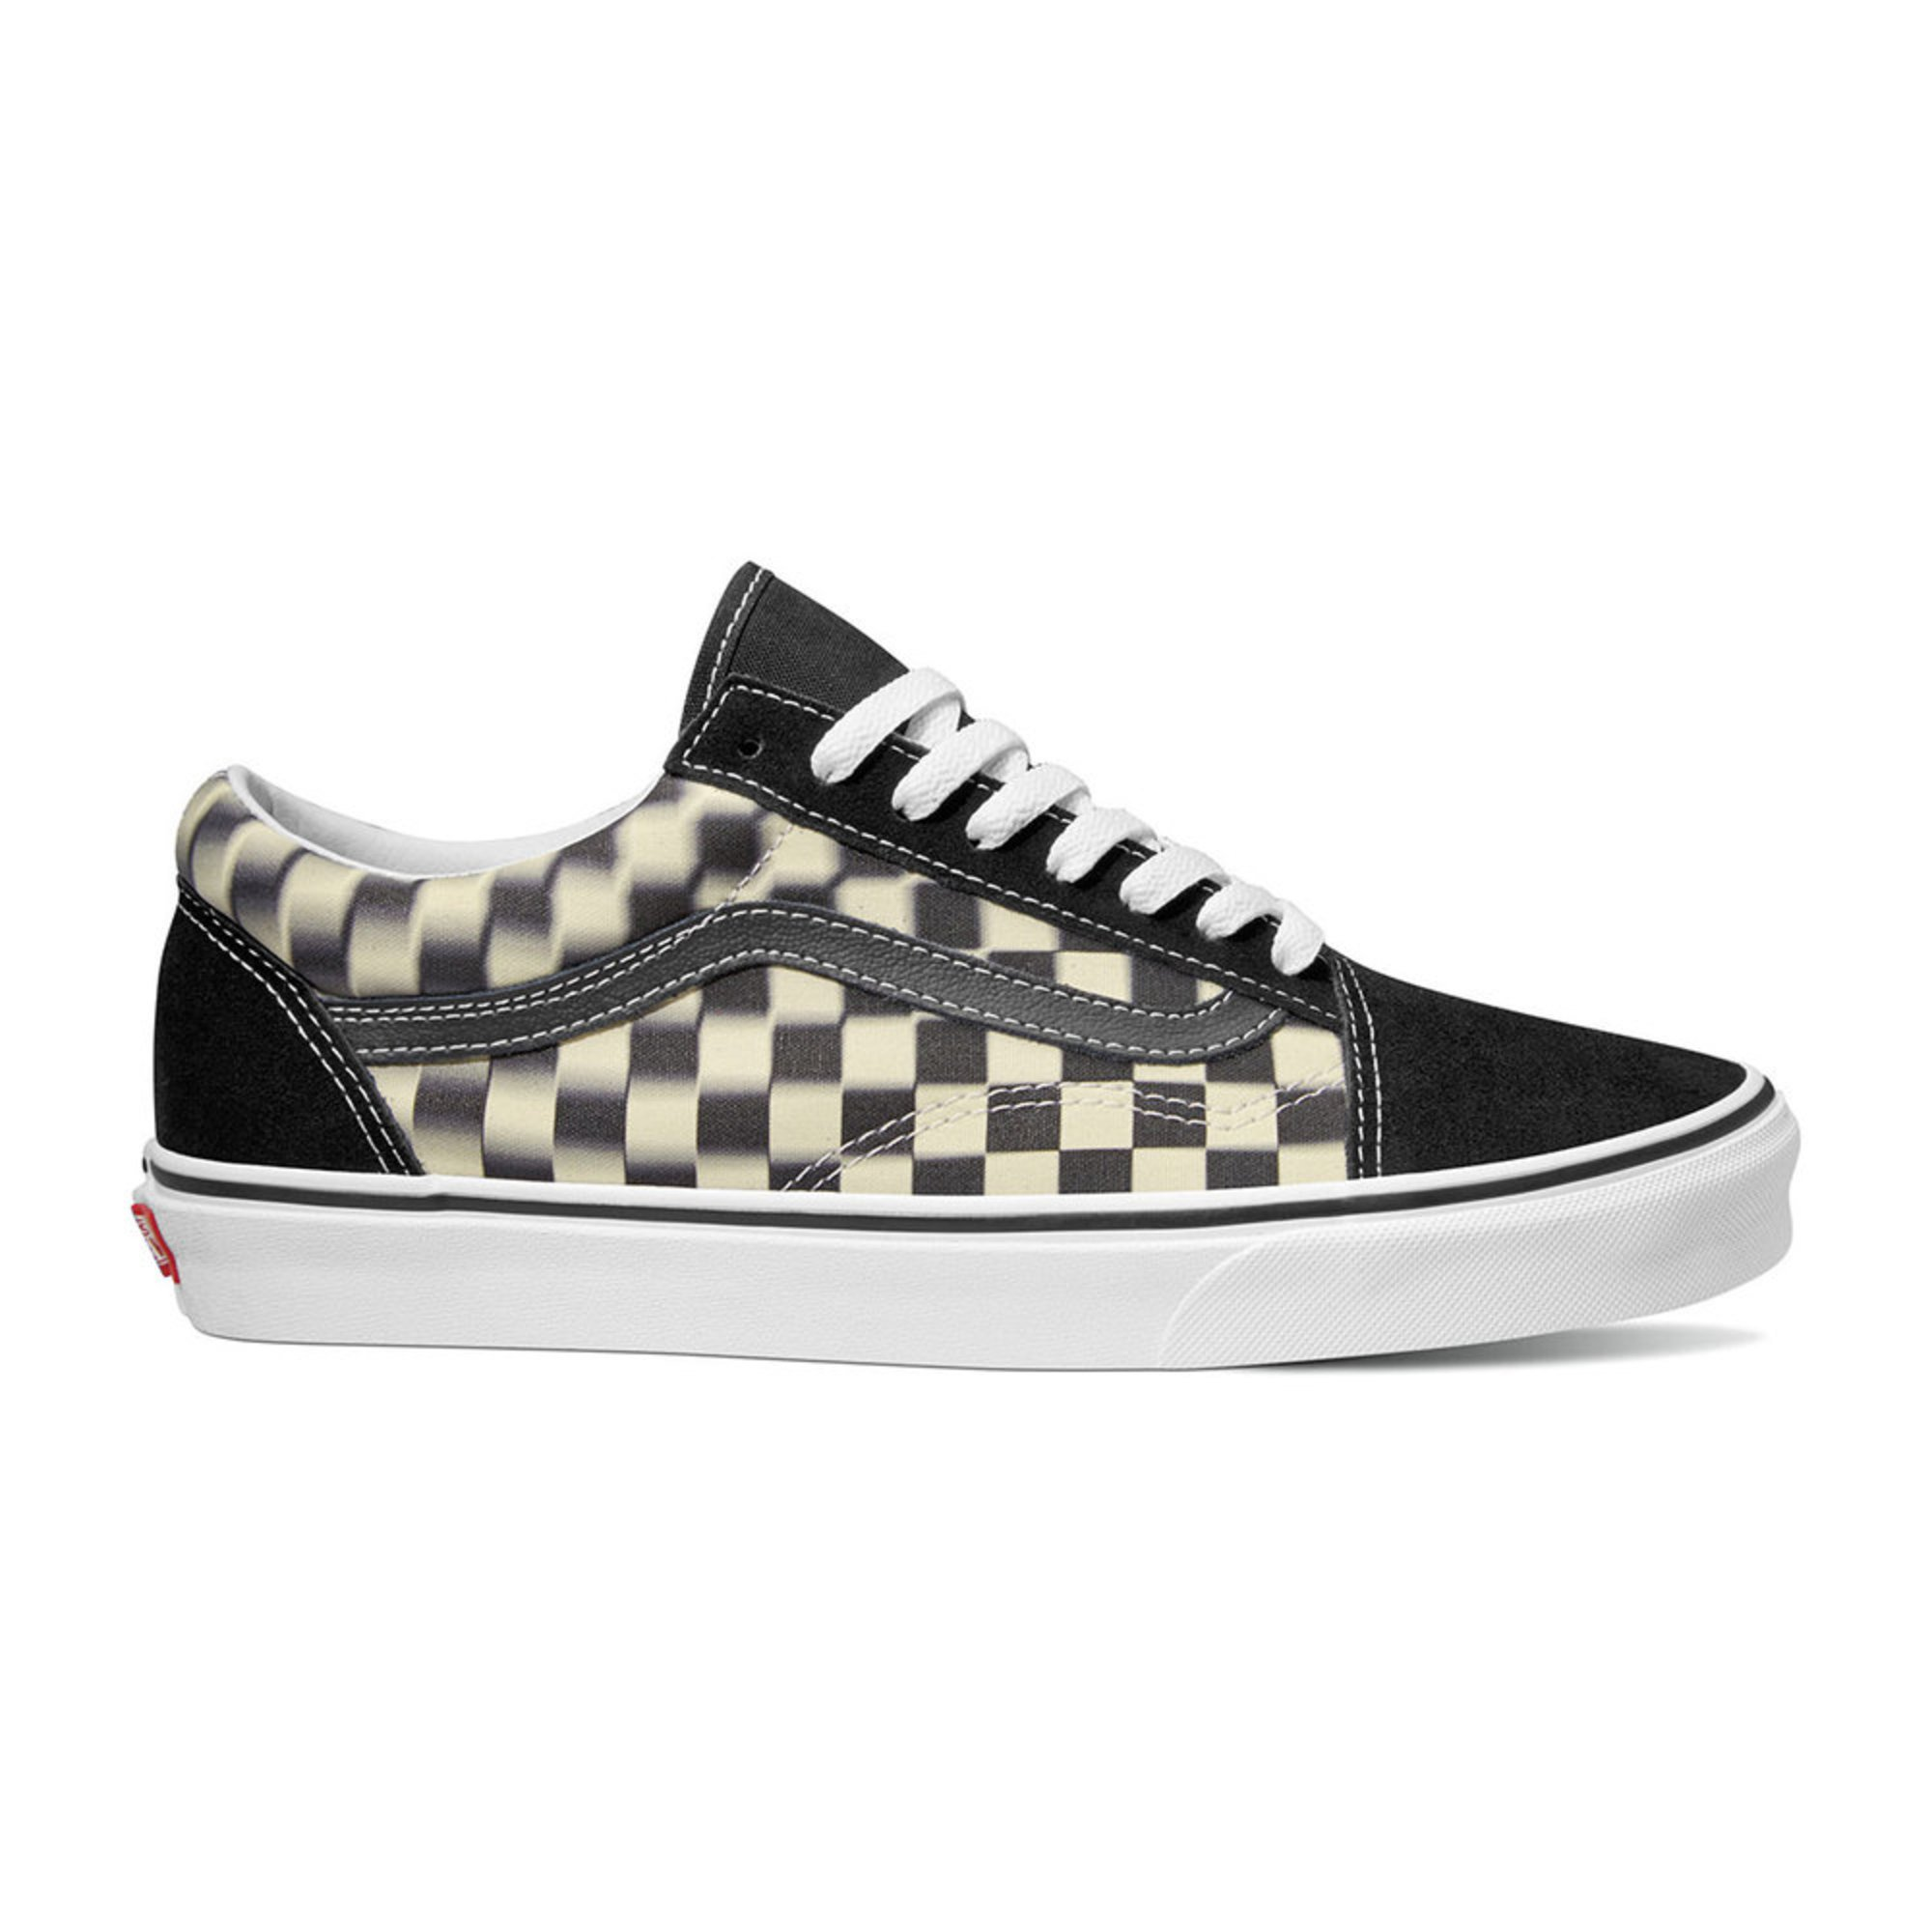 54a1e3a3ee0583 Vans Men s Old Skool Skate Shoe